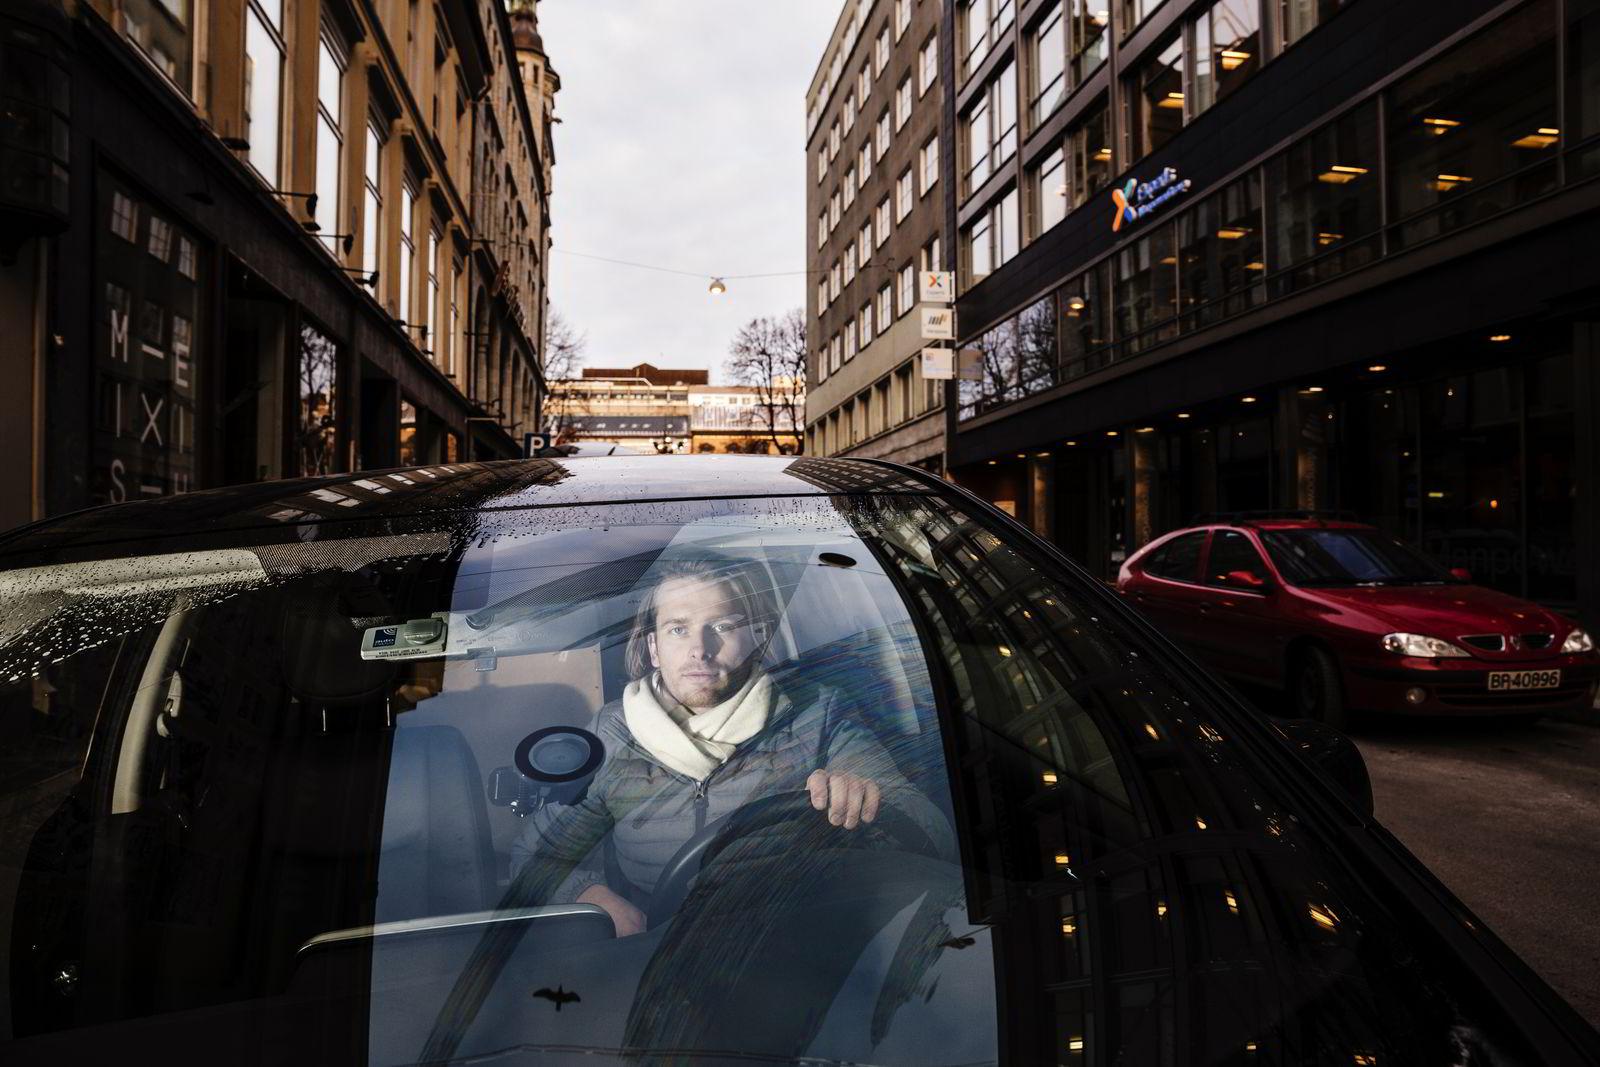 Kim Haagensen (31) er en av de avskiltede Uber-sjåførene, men ikke den som i desember ble frikjent i tingretten. Han forteller at han nå får advokatbistand og leiebil fra Uber. Foto: Per Thrana